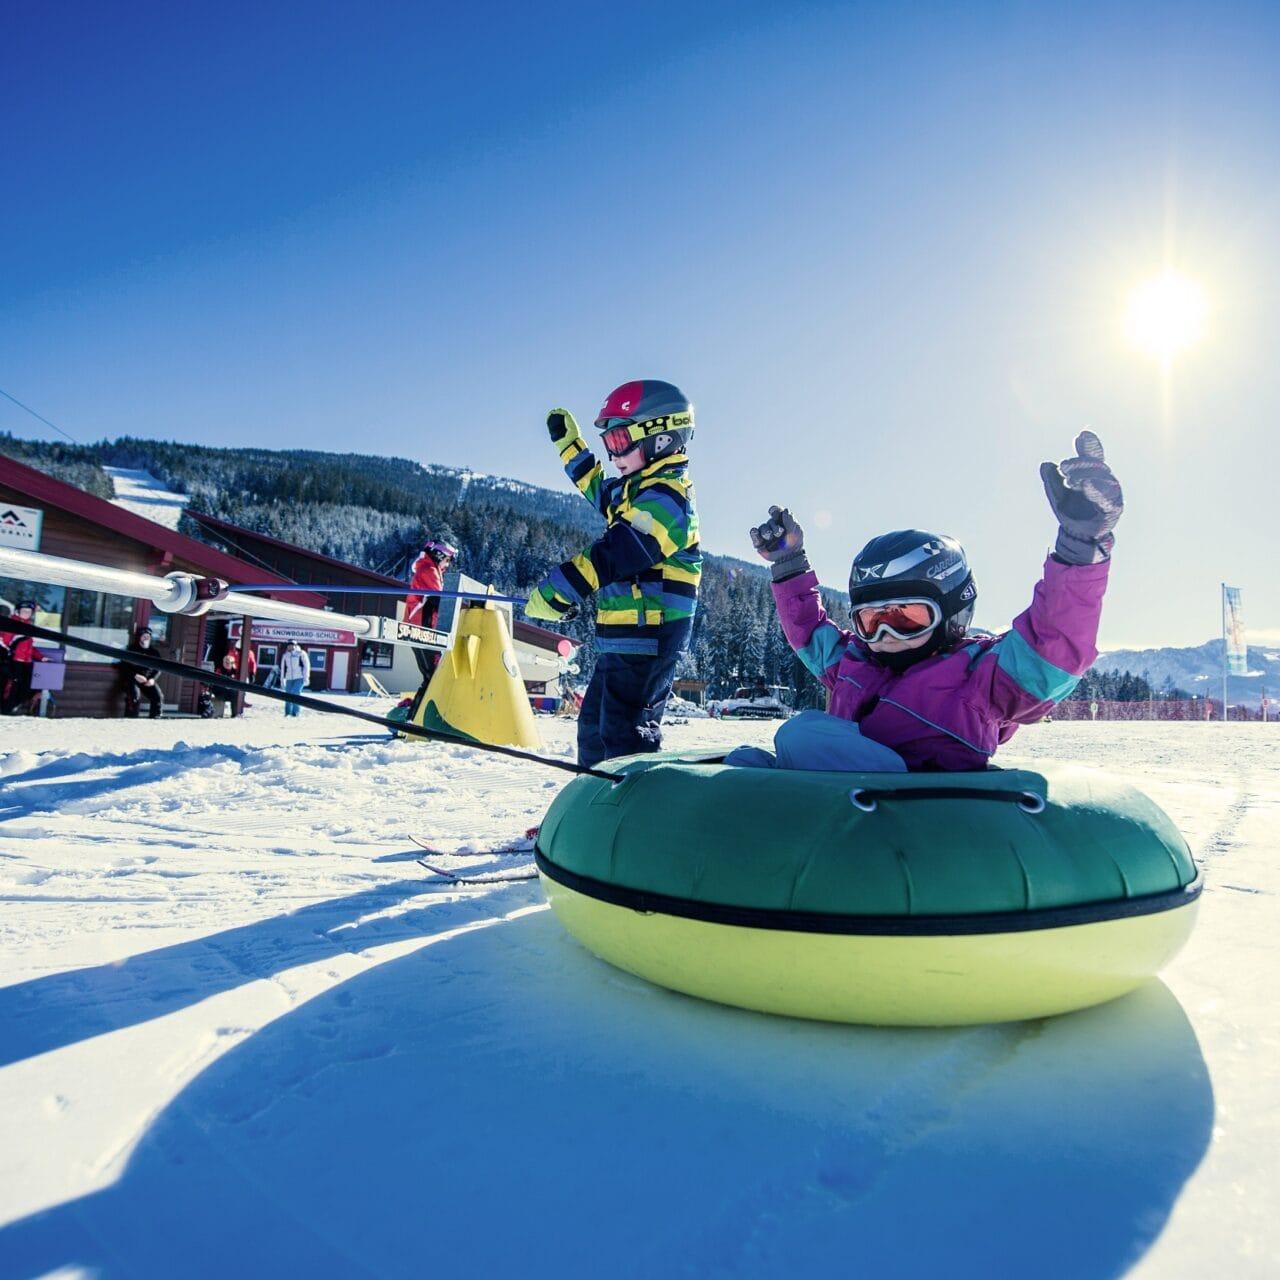 Hofgut-wagrain-apartment-lifestyle-resort-erleben-im-winter-familienwinter-skifahren-mit-Kindern-Wagrainis-Winterwelt